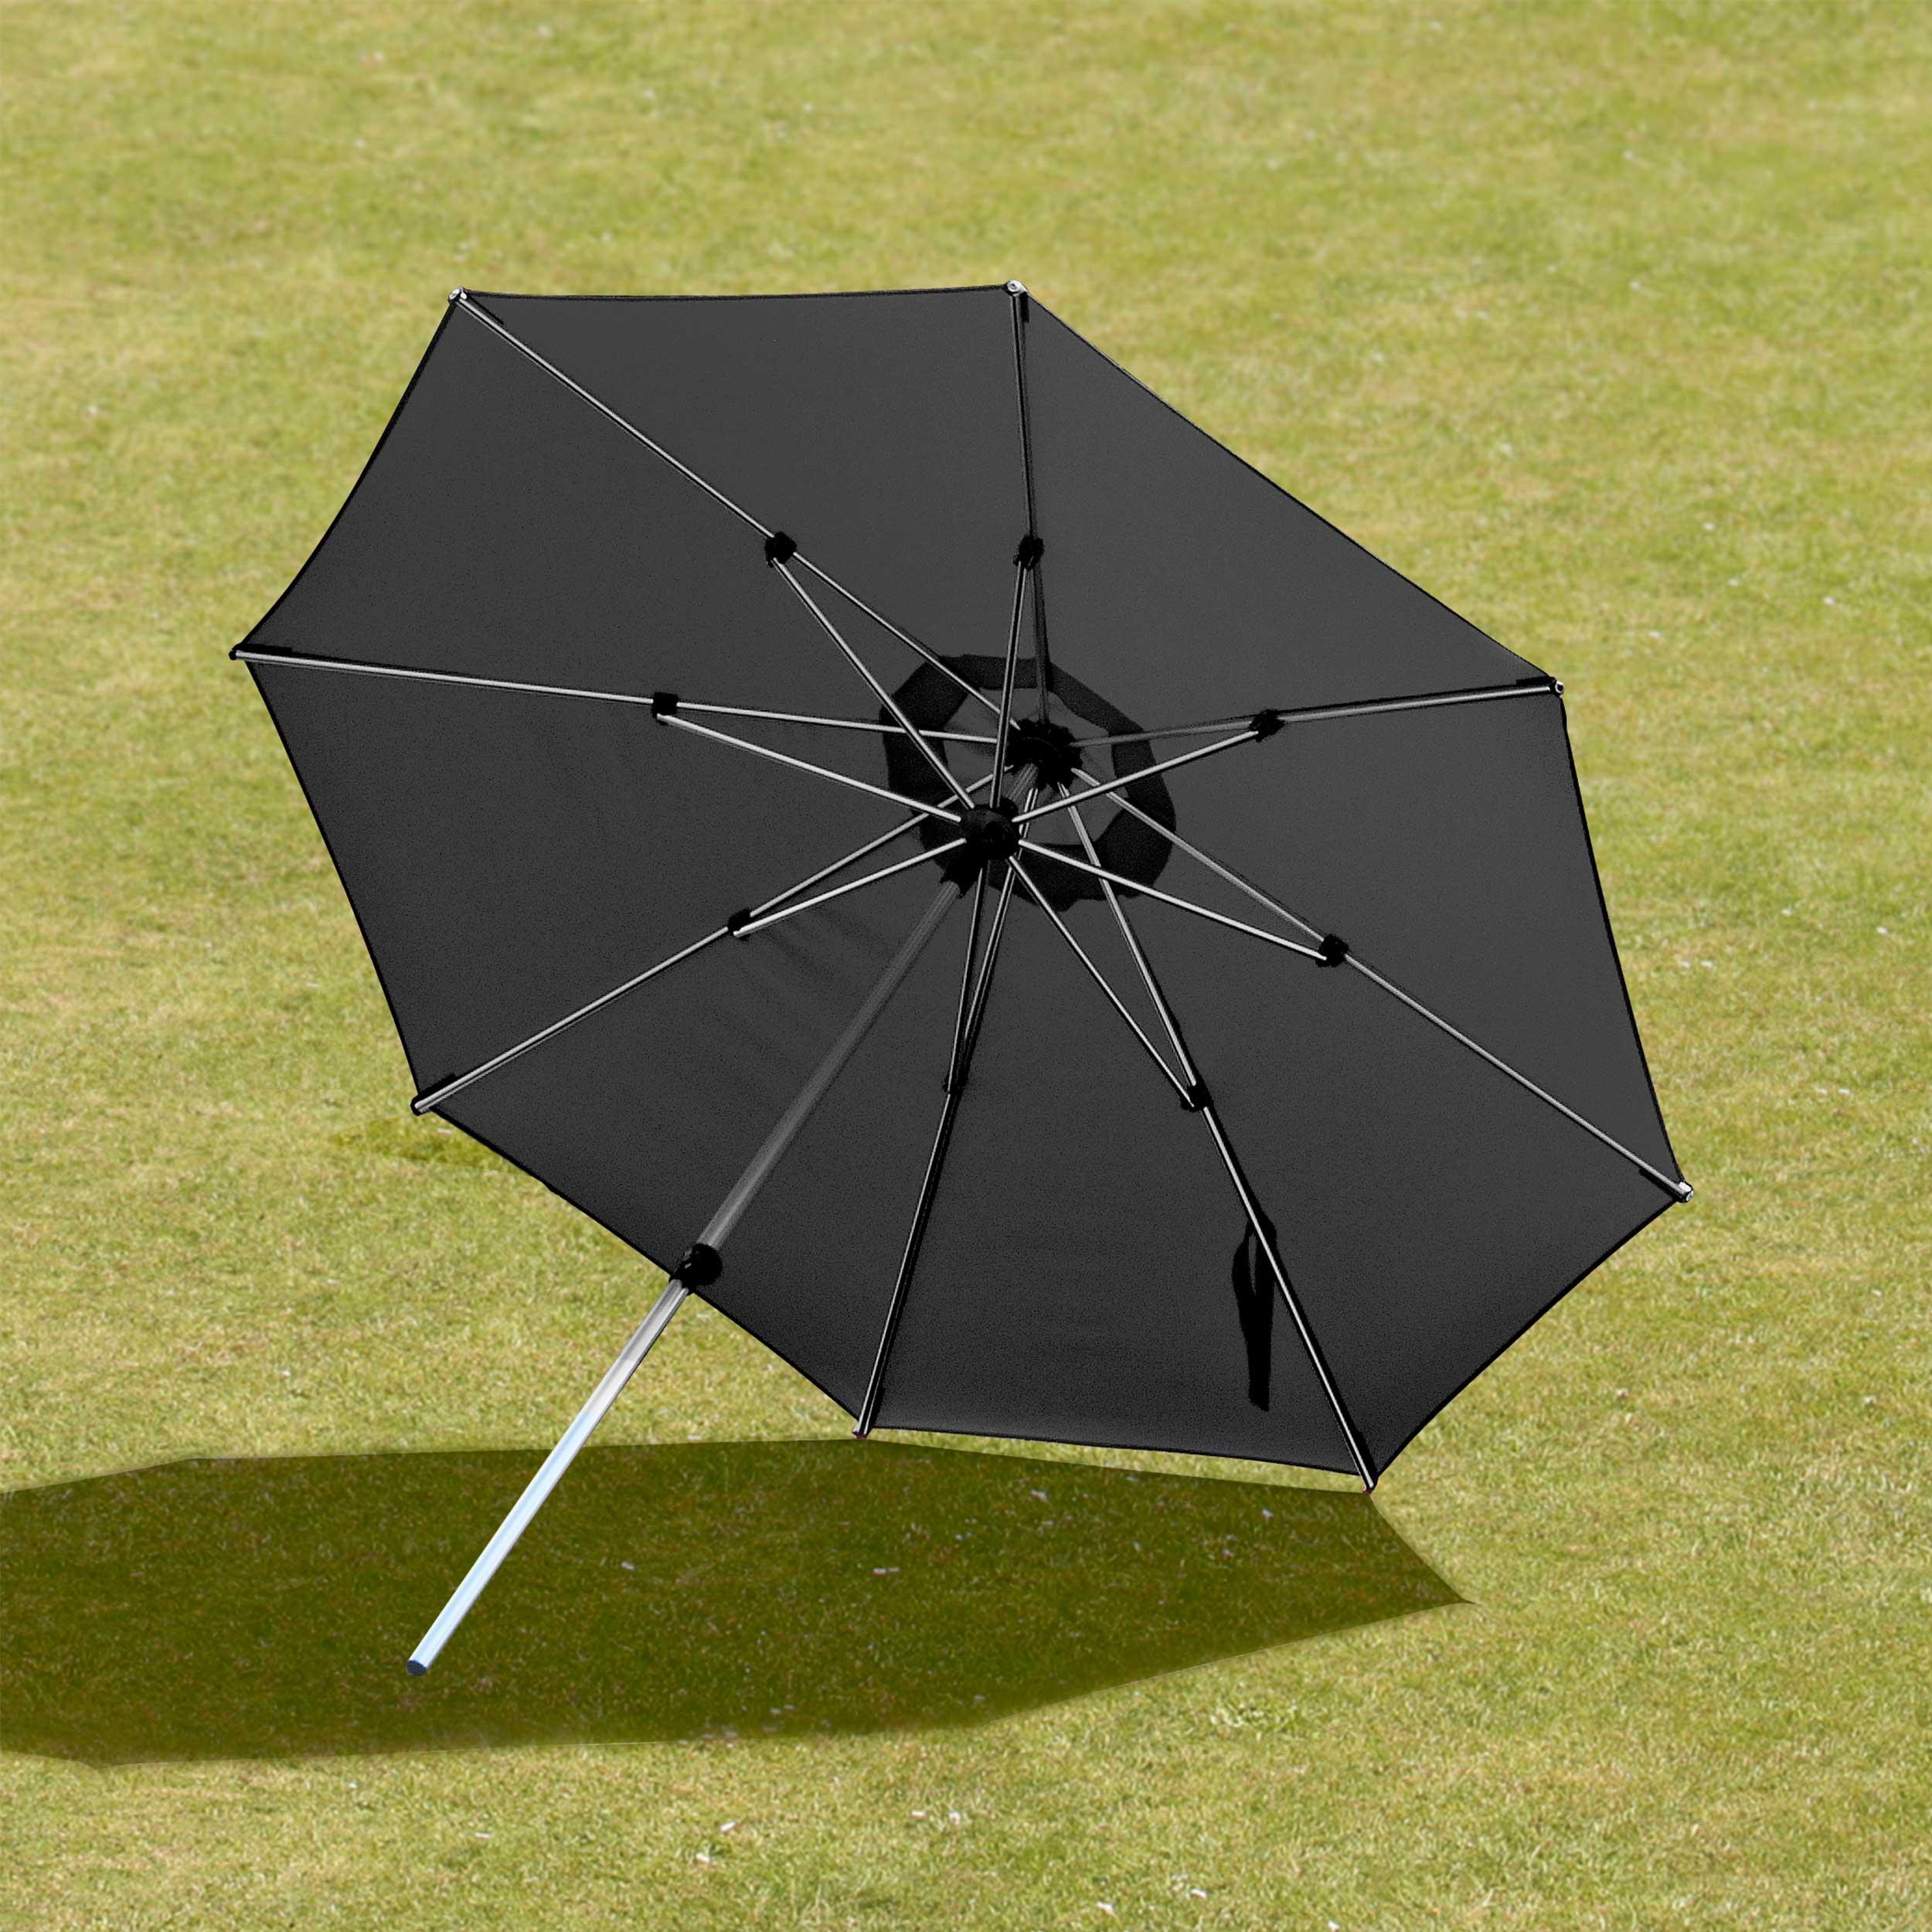 Suntime 2m Milano Black Pushup Outdoor Parasol